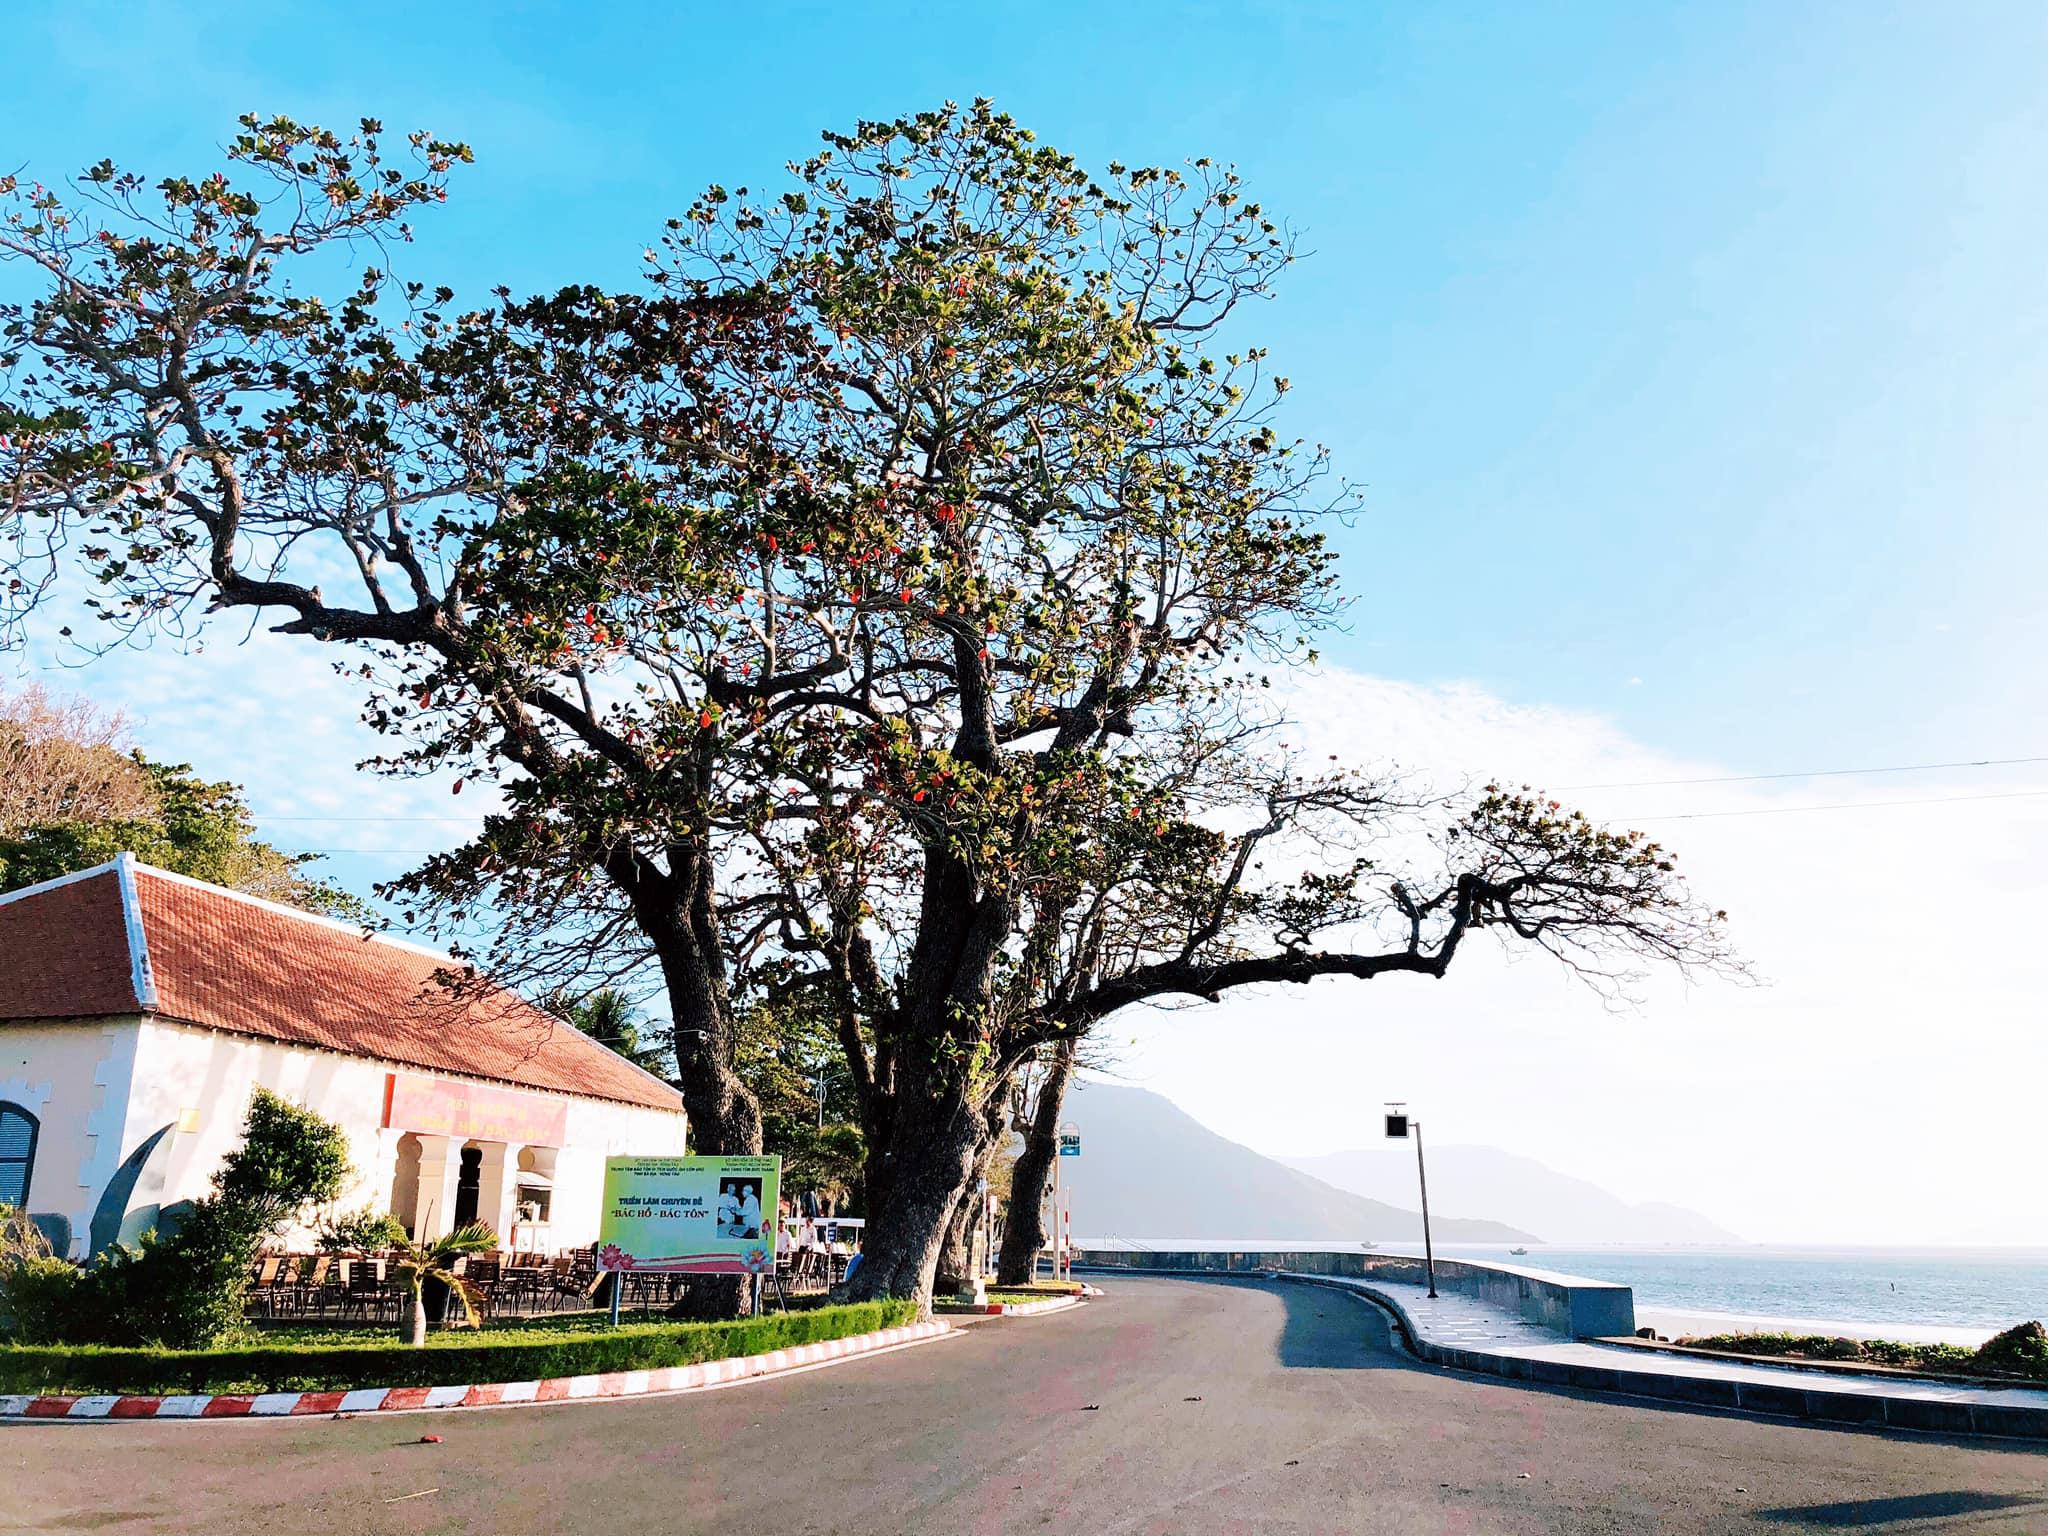 Du lịch tham quan Côn Đảo